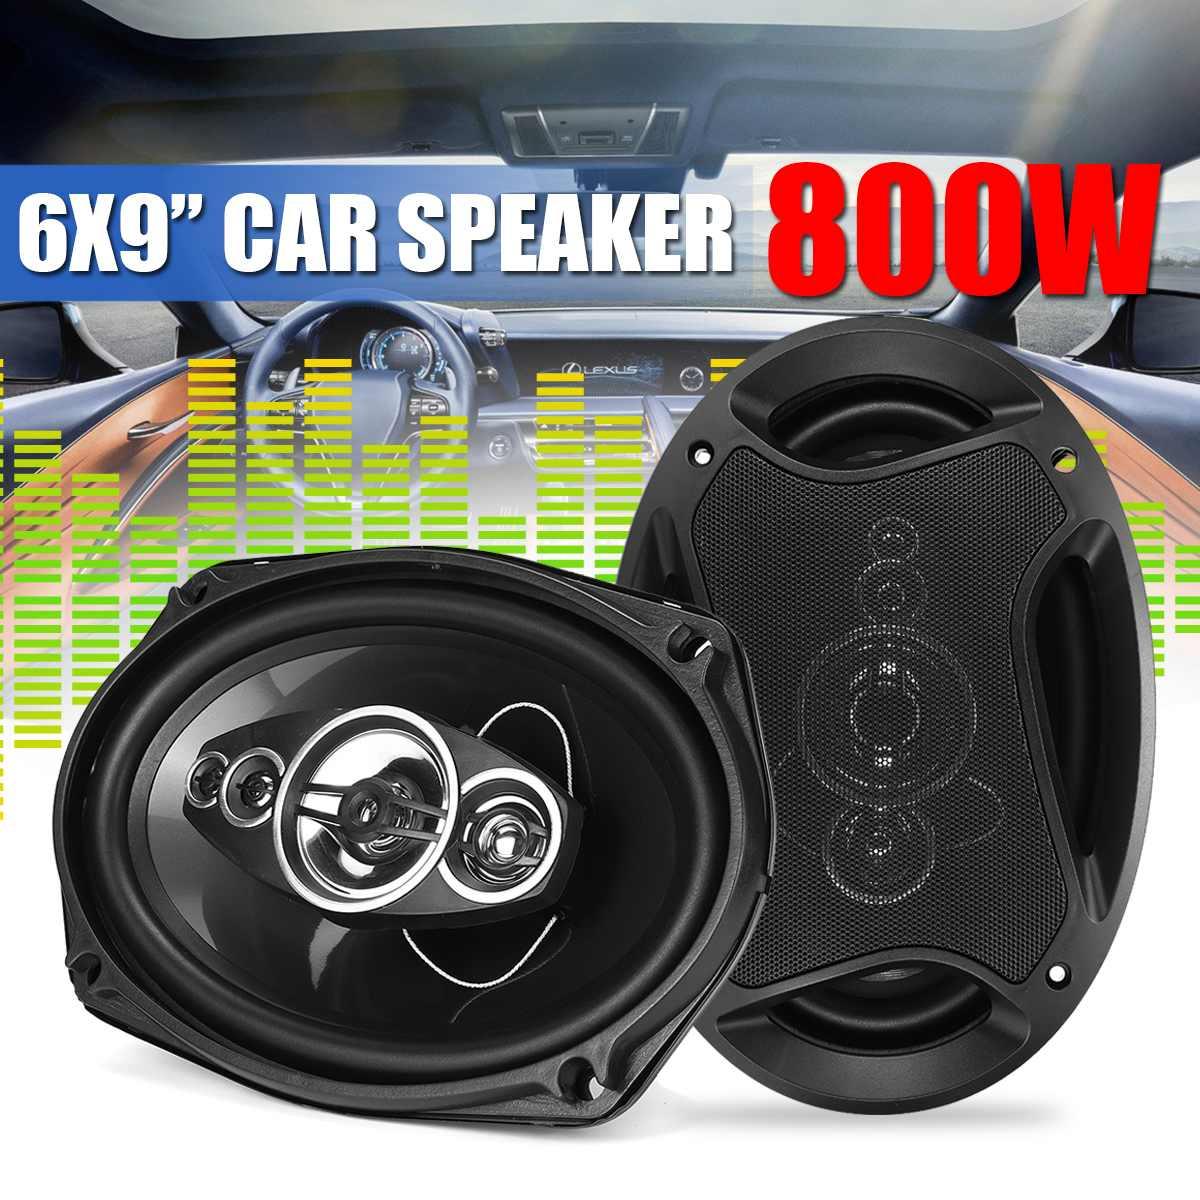 800W 12V voiture haut-parleur Subwoofer paire 2 voies HIFI voiture Coaxial haut-parleur Tweeter stéréo Surround voiture haut-parleur